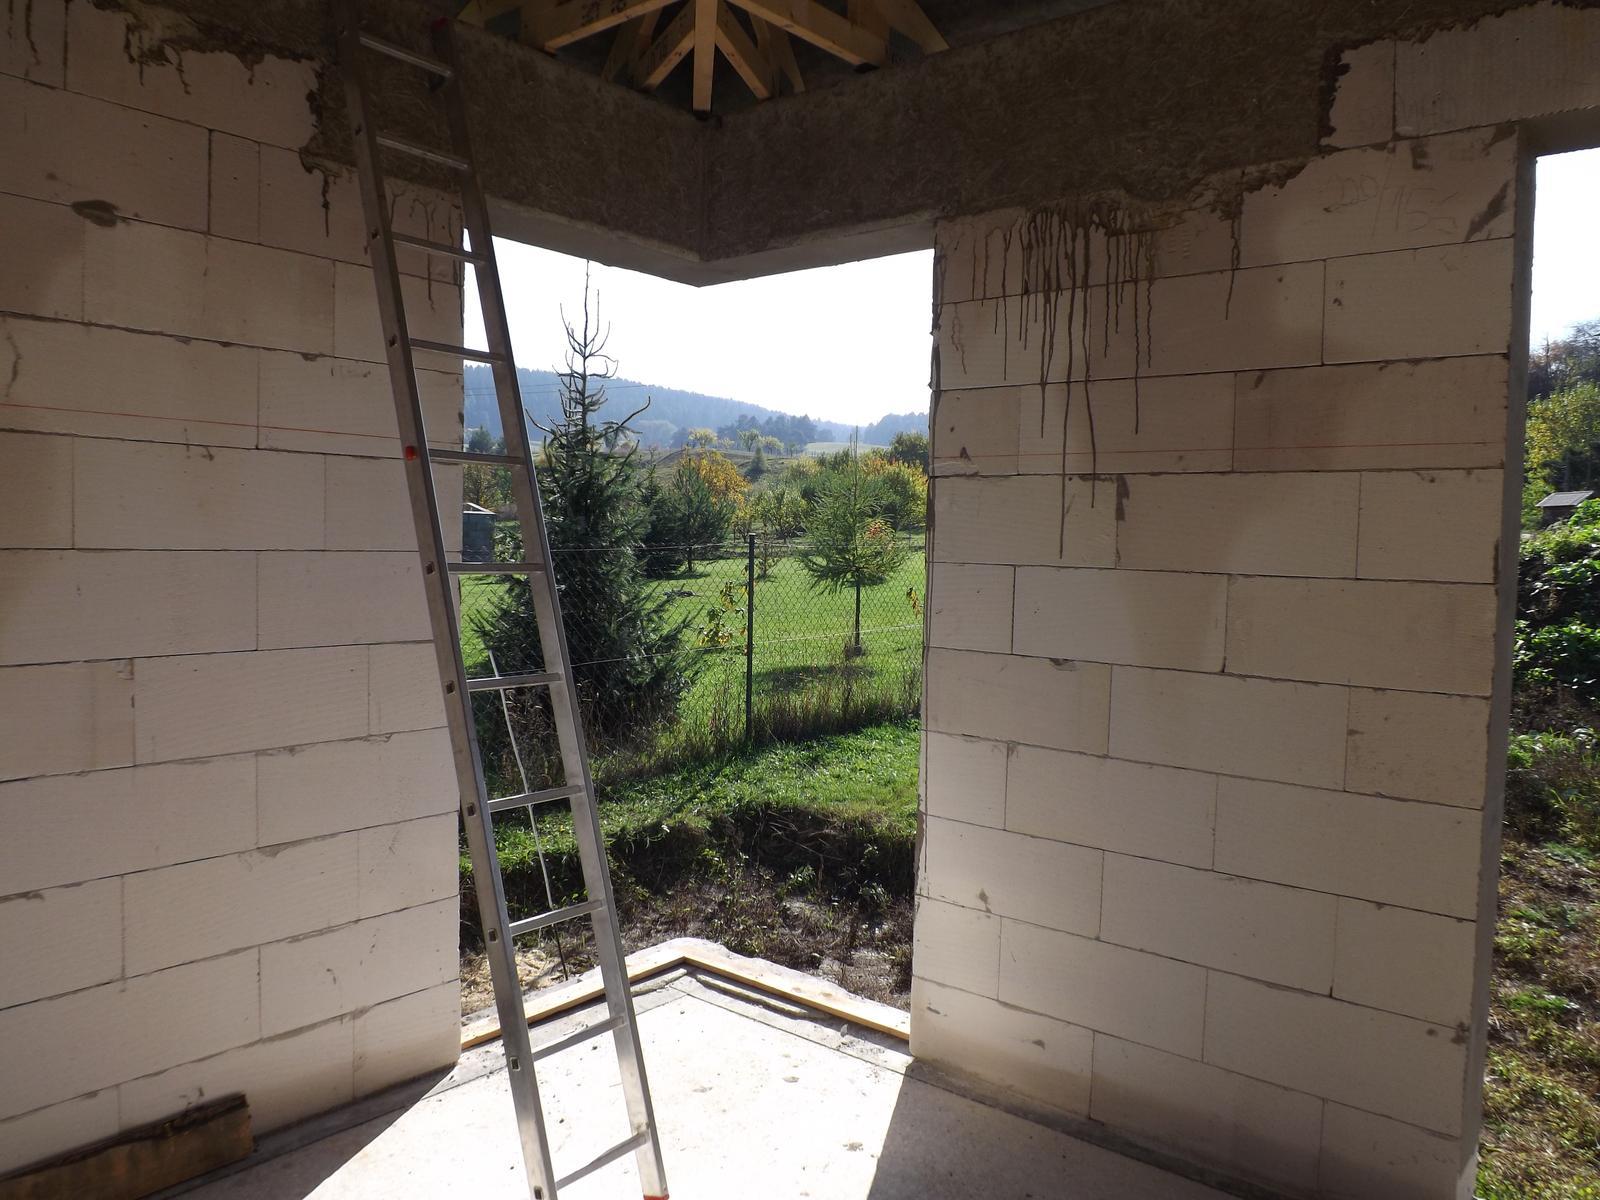 Náš nový domov - teším sa, že máme to rohové okno :)